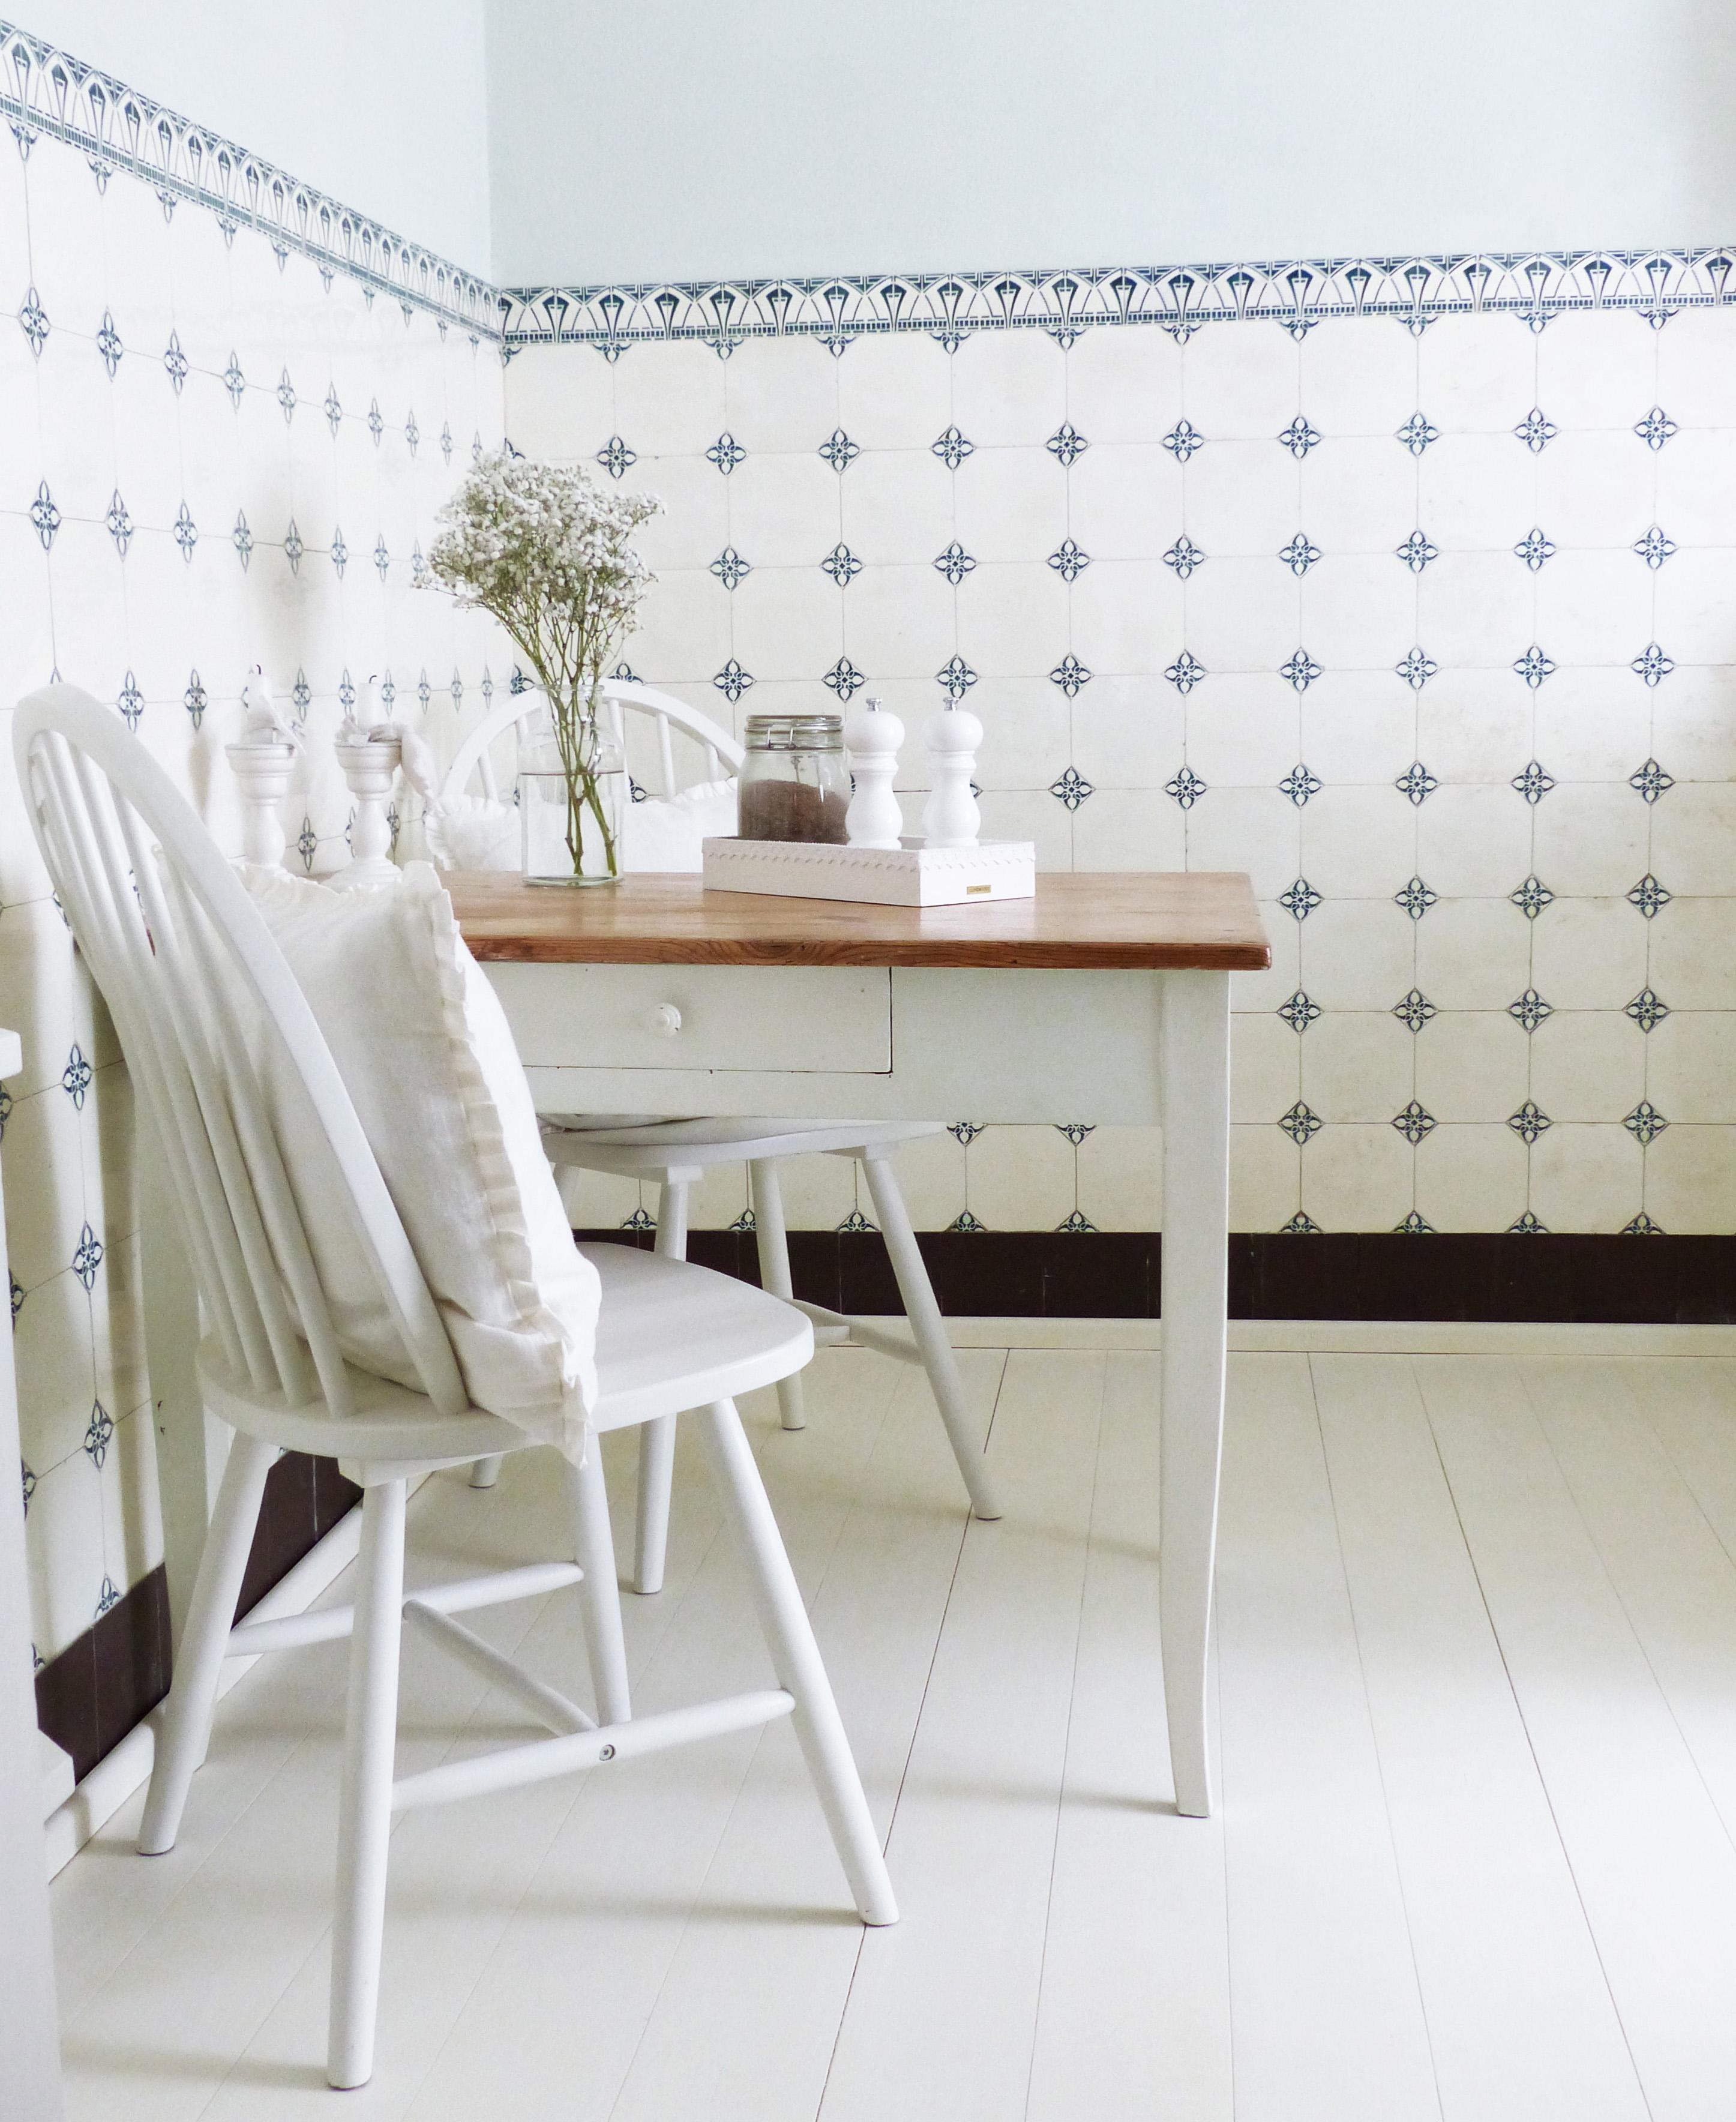 Der schnelle Weg zu einer strukturierten Küche - Lundkvist Home & Living